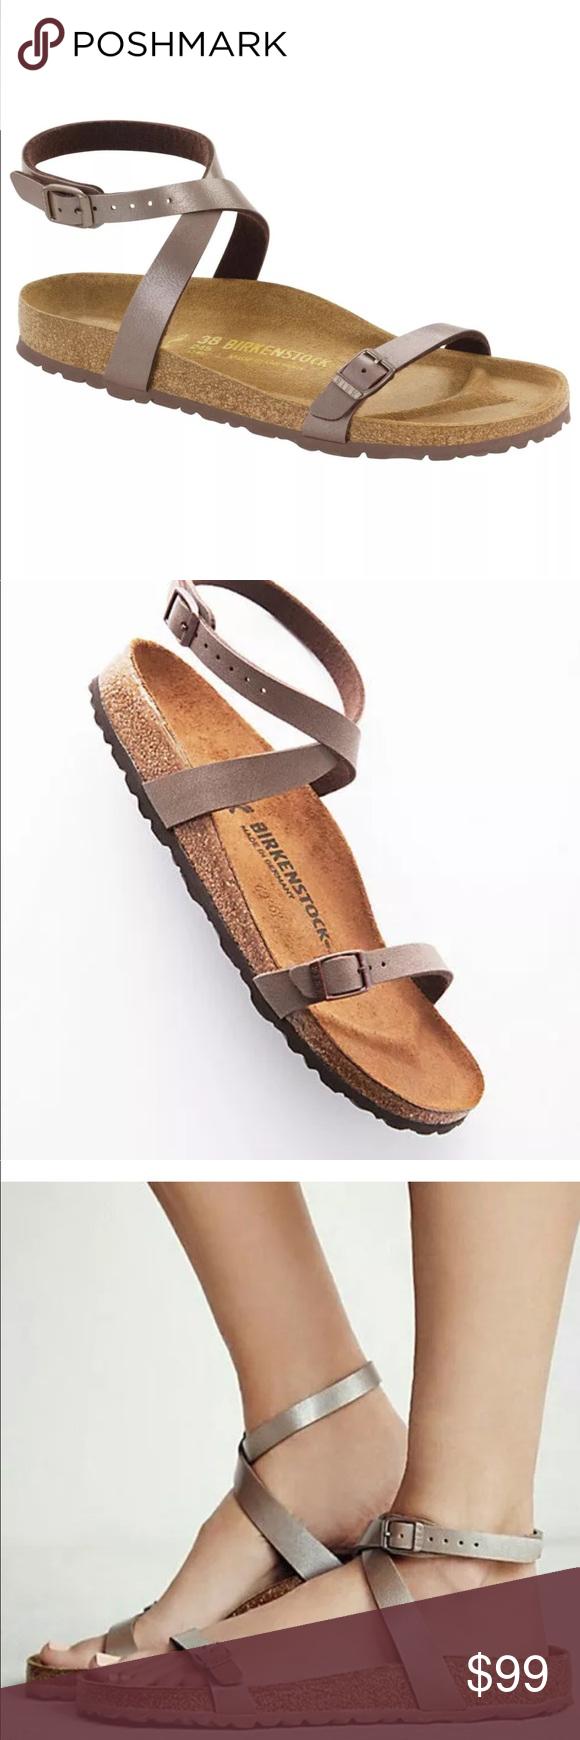 8c0ecdd7c61 New Birkenstock Daloa Hazel sandals Sz 9 Narrow A wraparound strap adds to  the feminine appeal